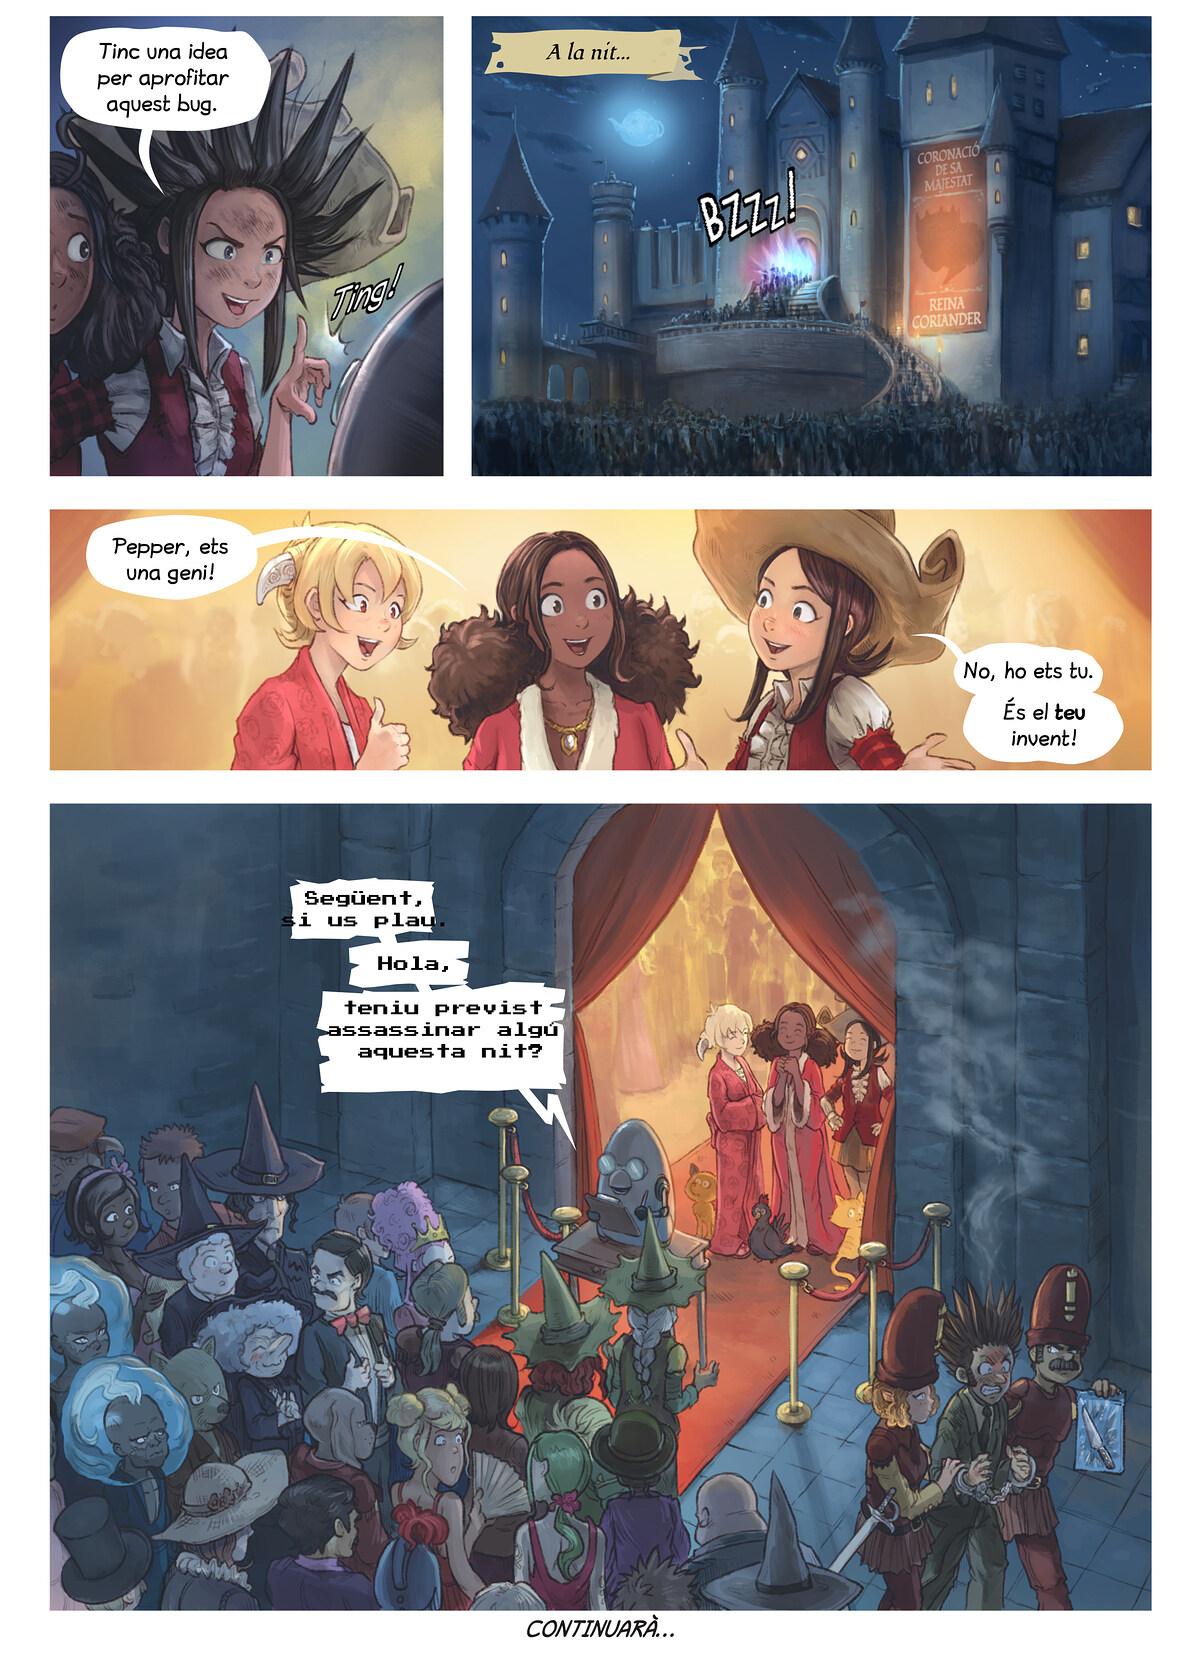 A webcomic page of Pepper&Carrot, episodi 27 [ca], pàgina 6